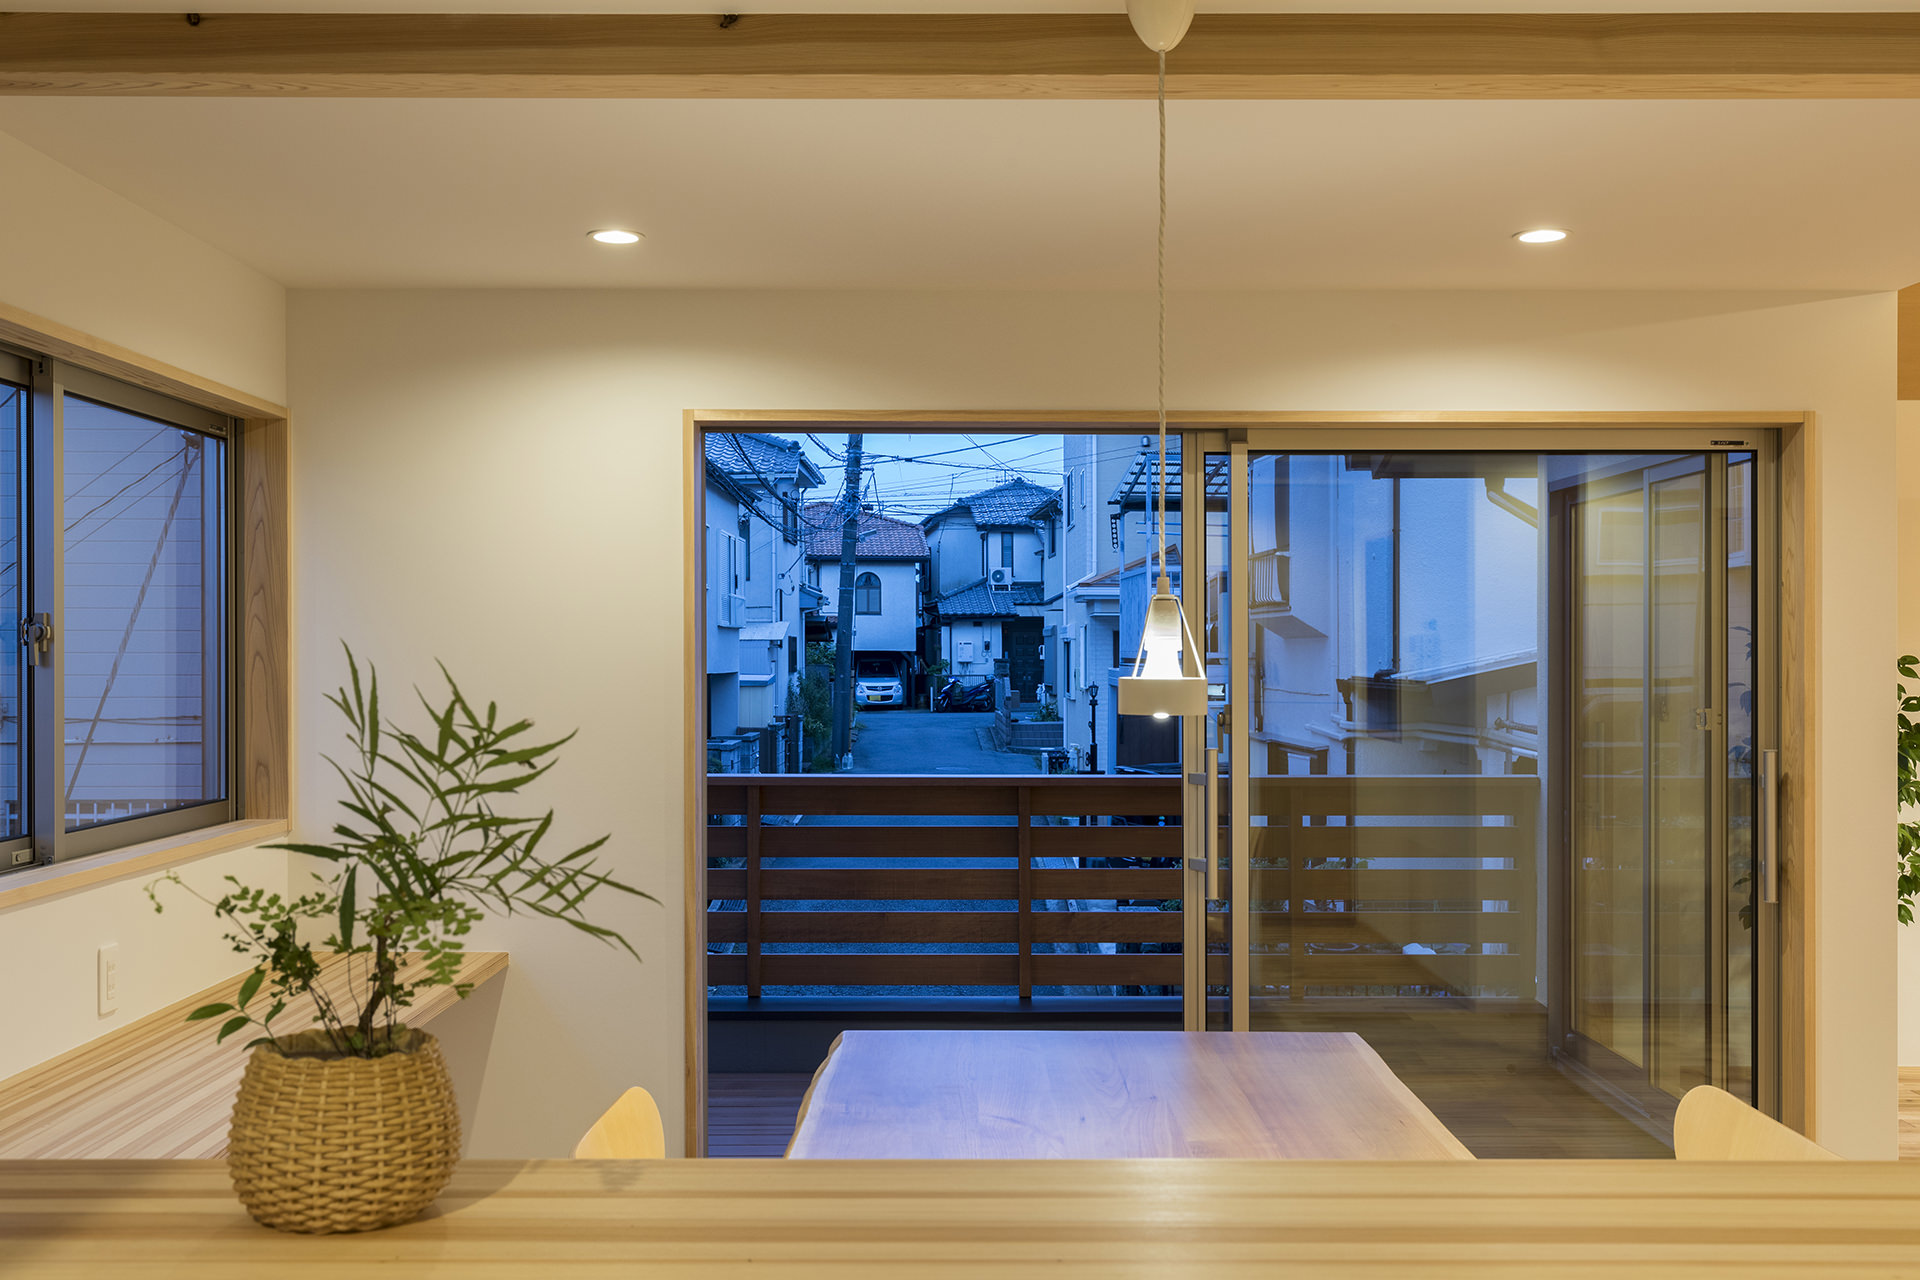 鶴ヶ峰の家 Ⅱ イメージ11 撮影:東涌写真事務所・東涌宏和